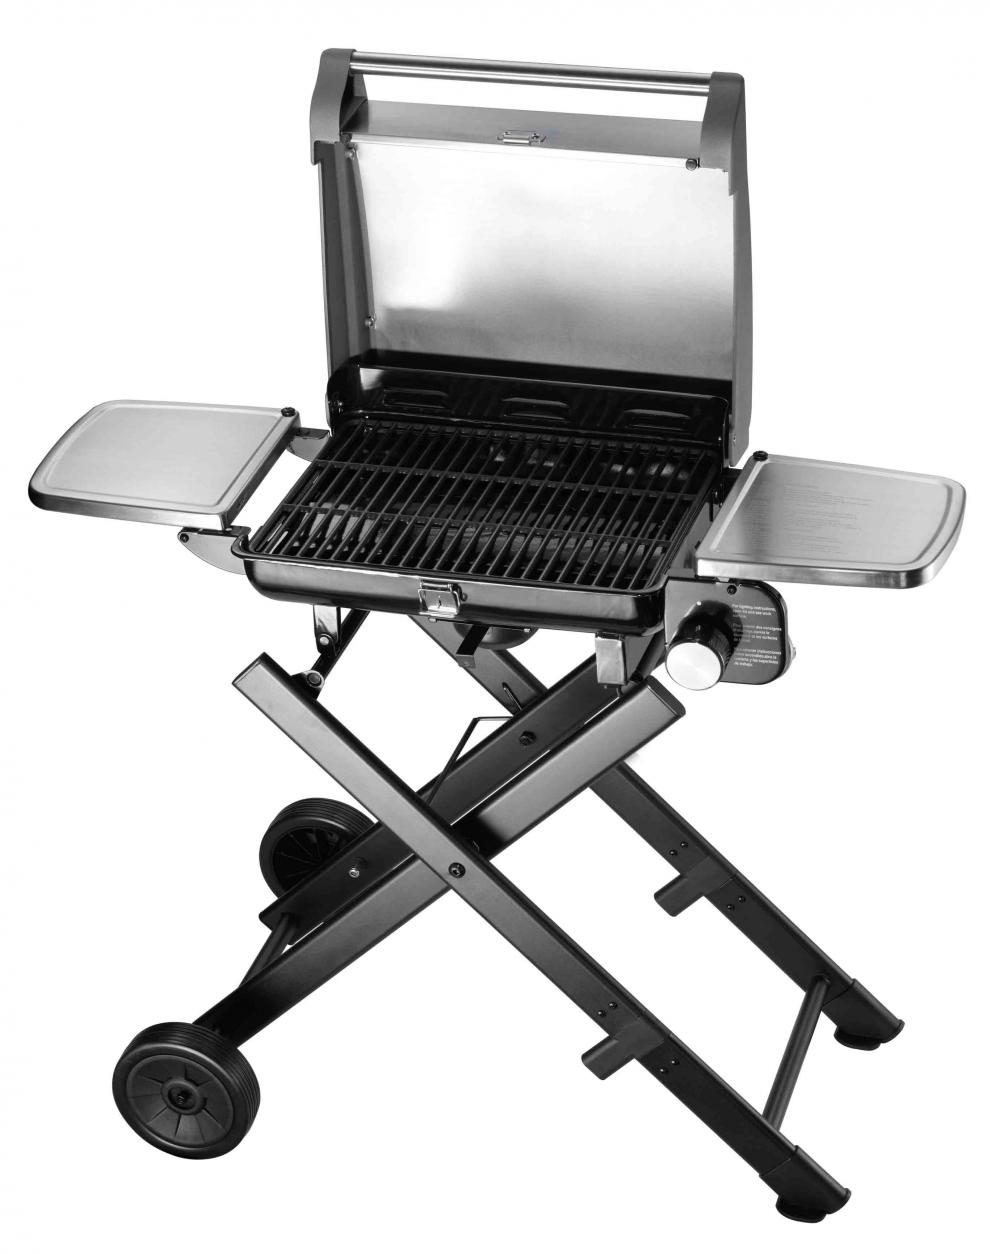 cuisinart barbecue nomade cuisinart pliant 3 6 kw bq400e bq400e achetez au meilleur prix. Black Bedroom Furniture Sets. Home Design Ideas